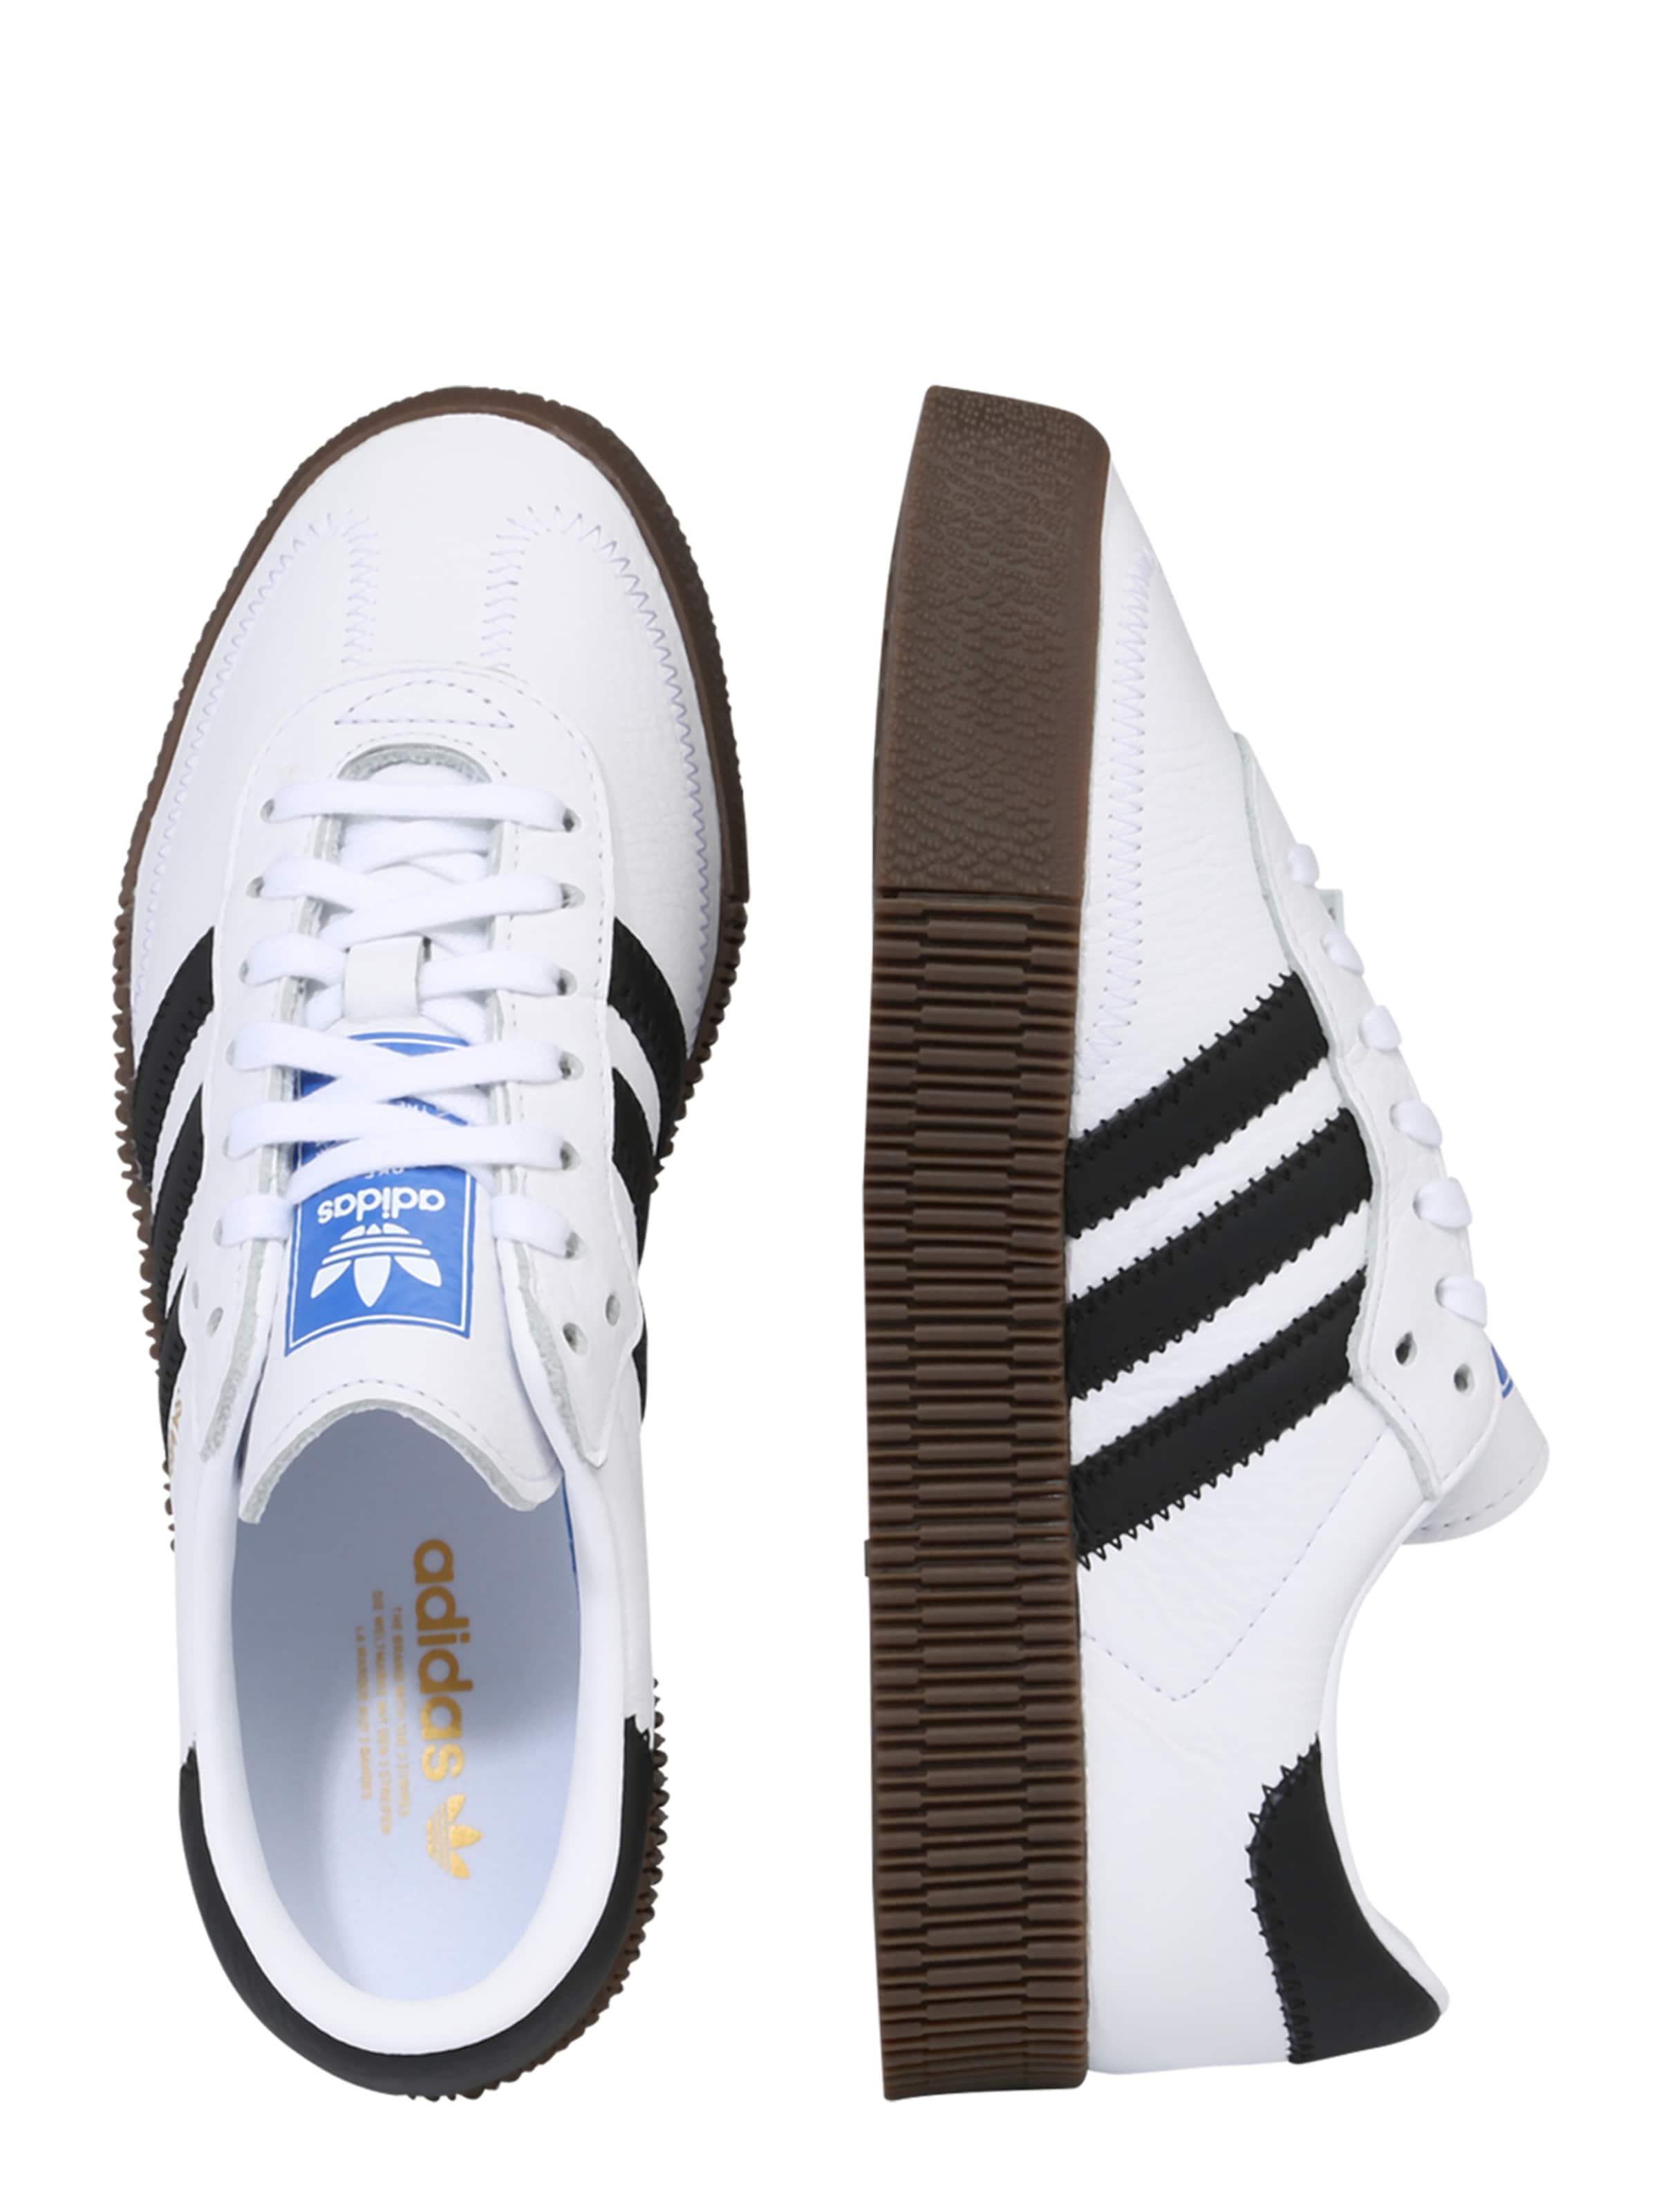 Adidas Originals 'sambarose' Sneaker SchwarzWeiß In eWD9Y2IEH